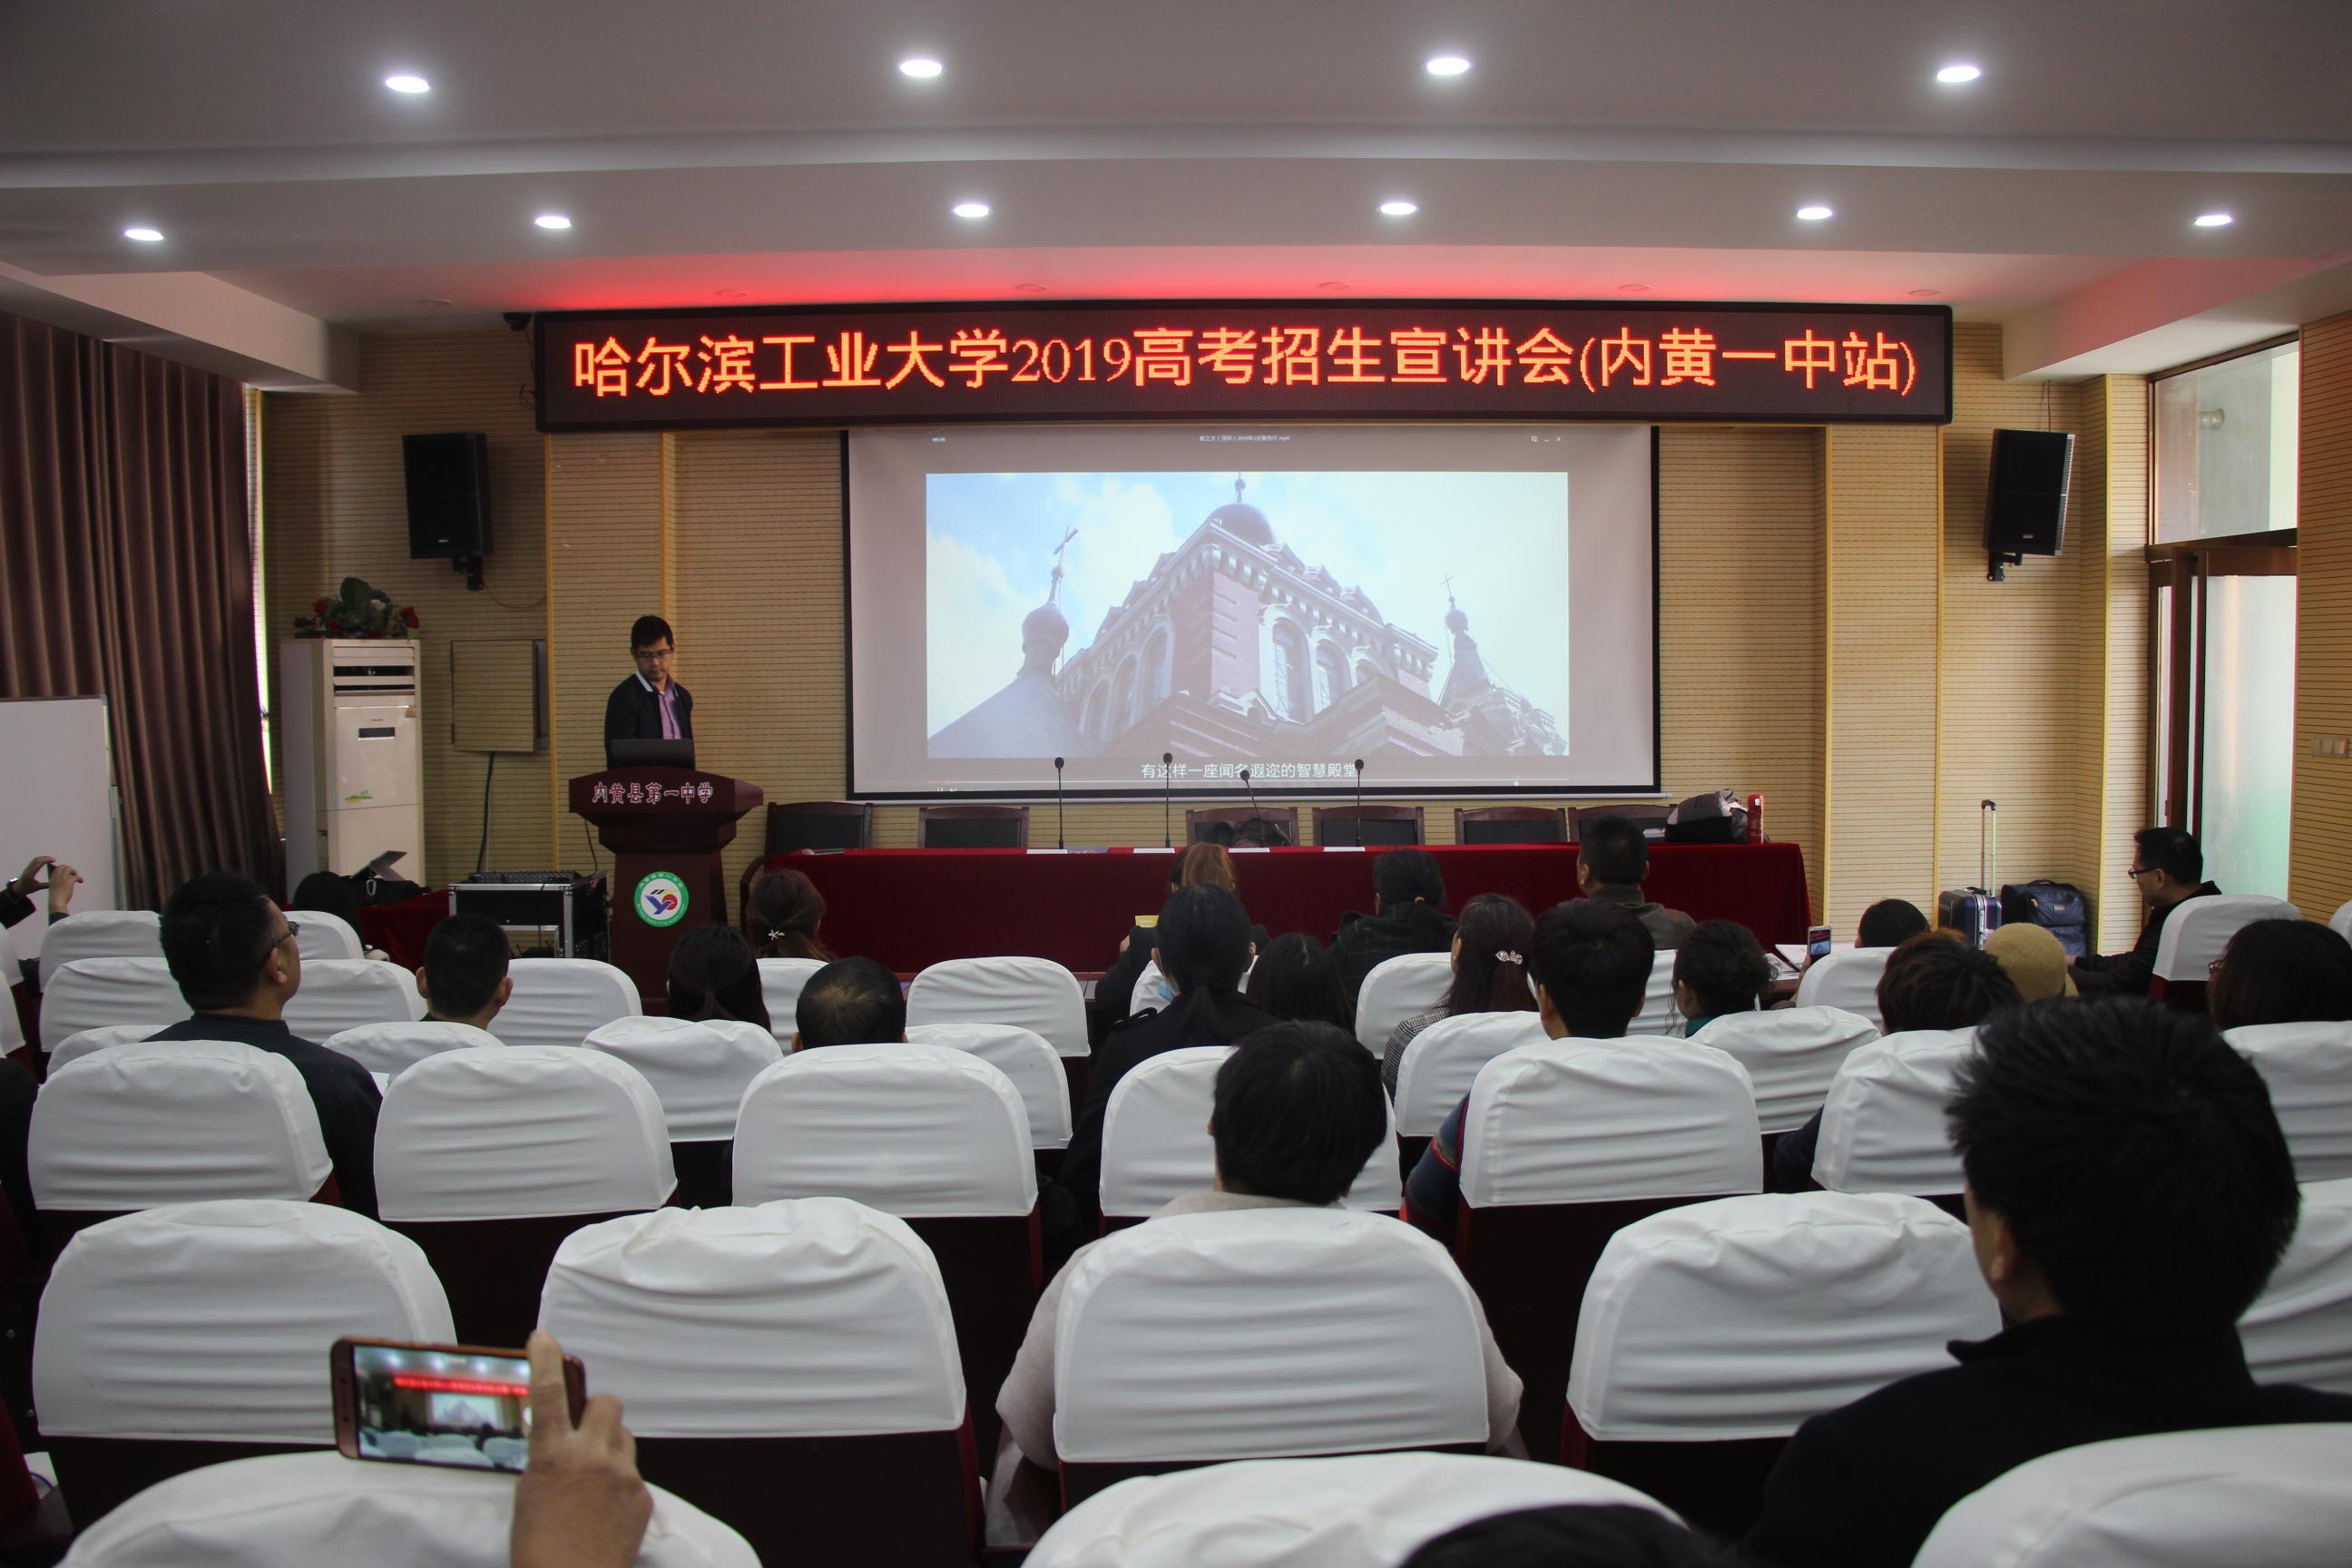 哈尔滨工业大学招生负责人莅校做招生宣讲-微信图片_20190330175313